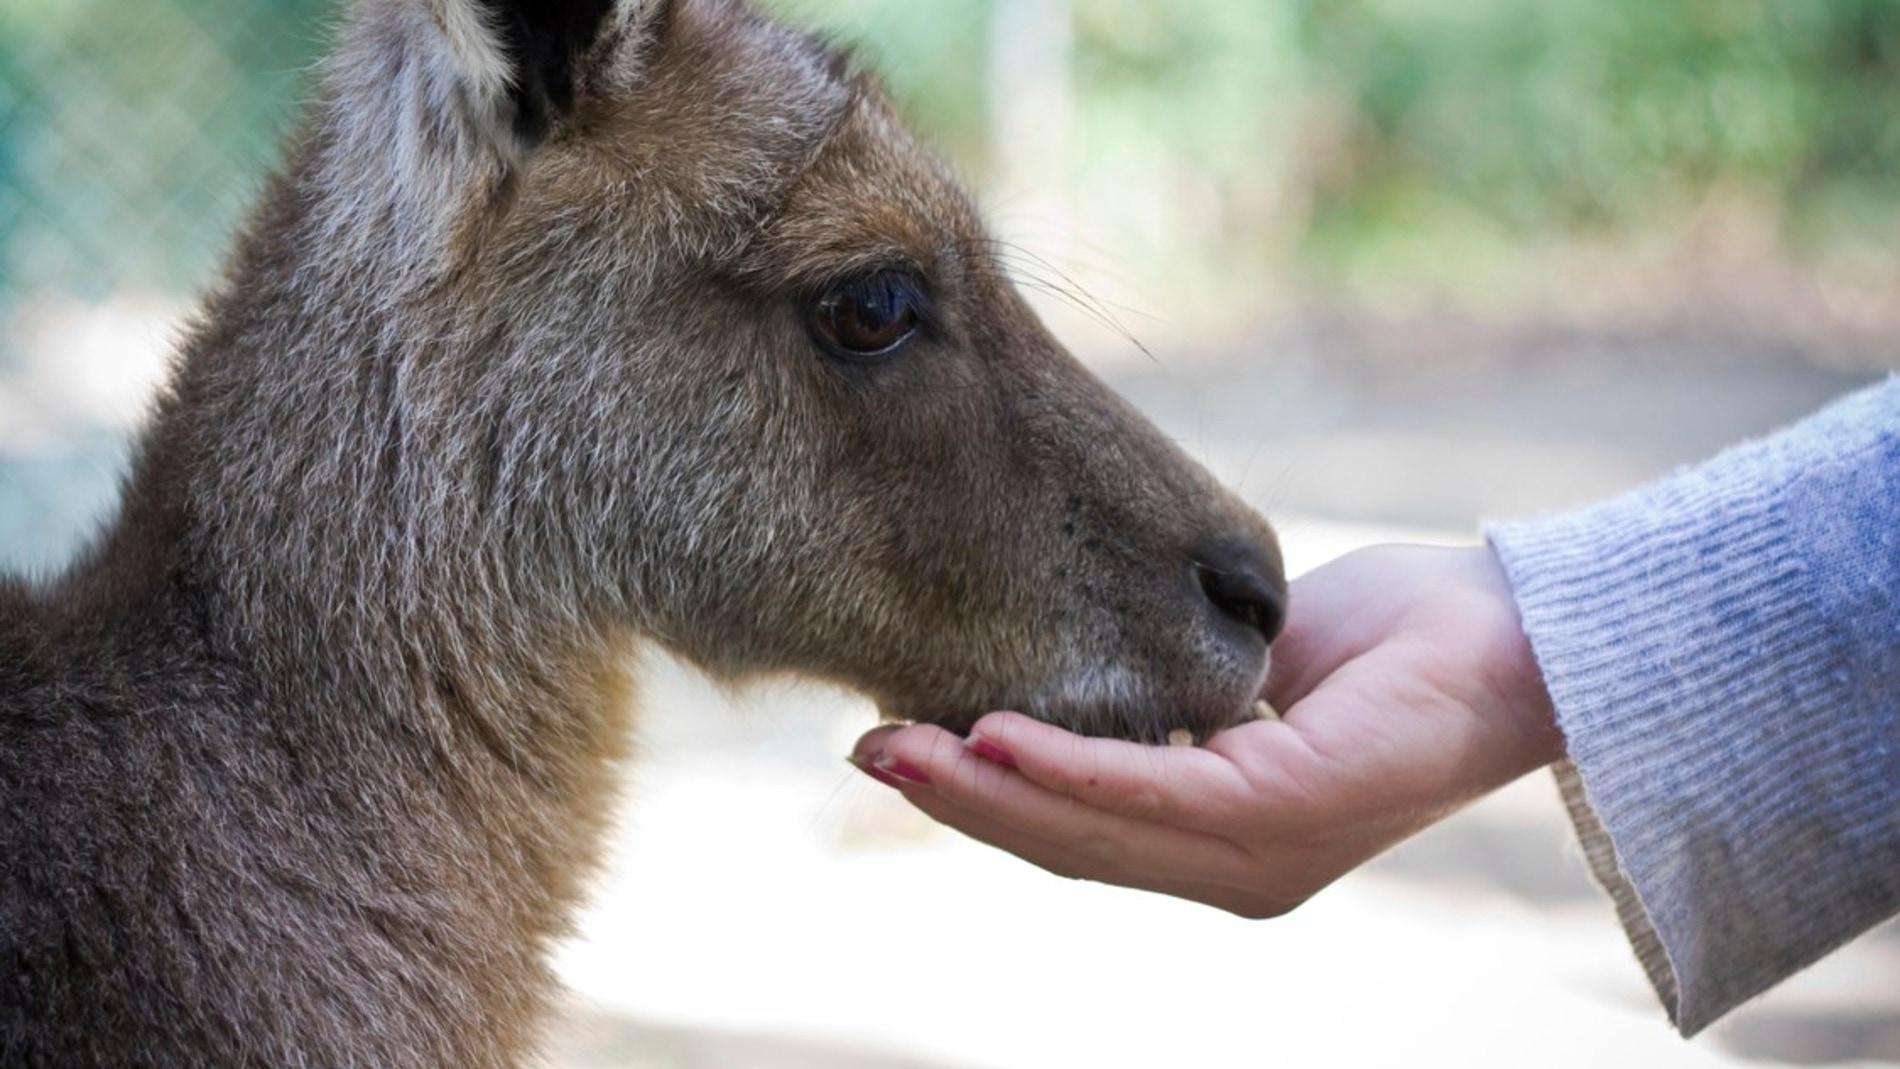 ¿Por qué algunos animales toleran más el contacto humano que otros?